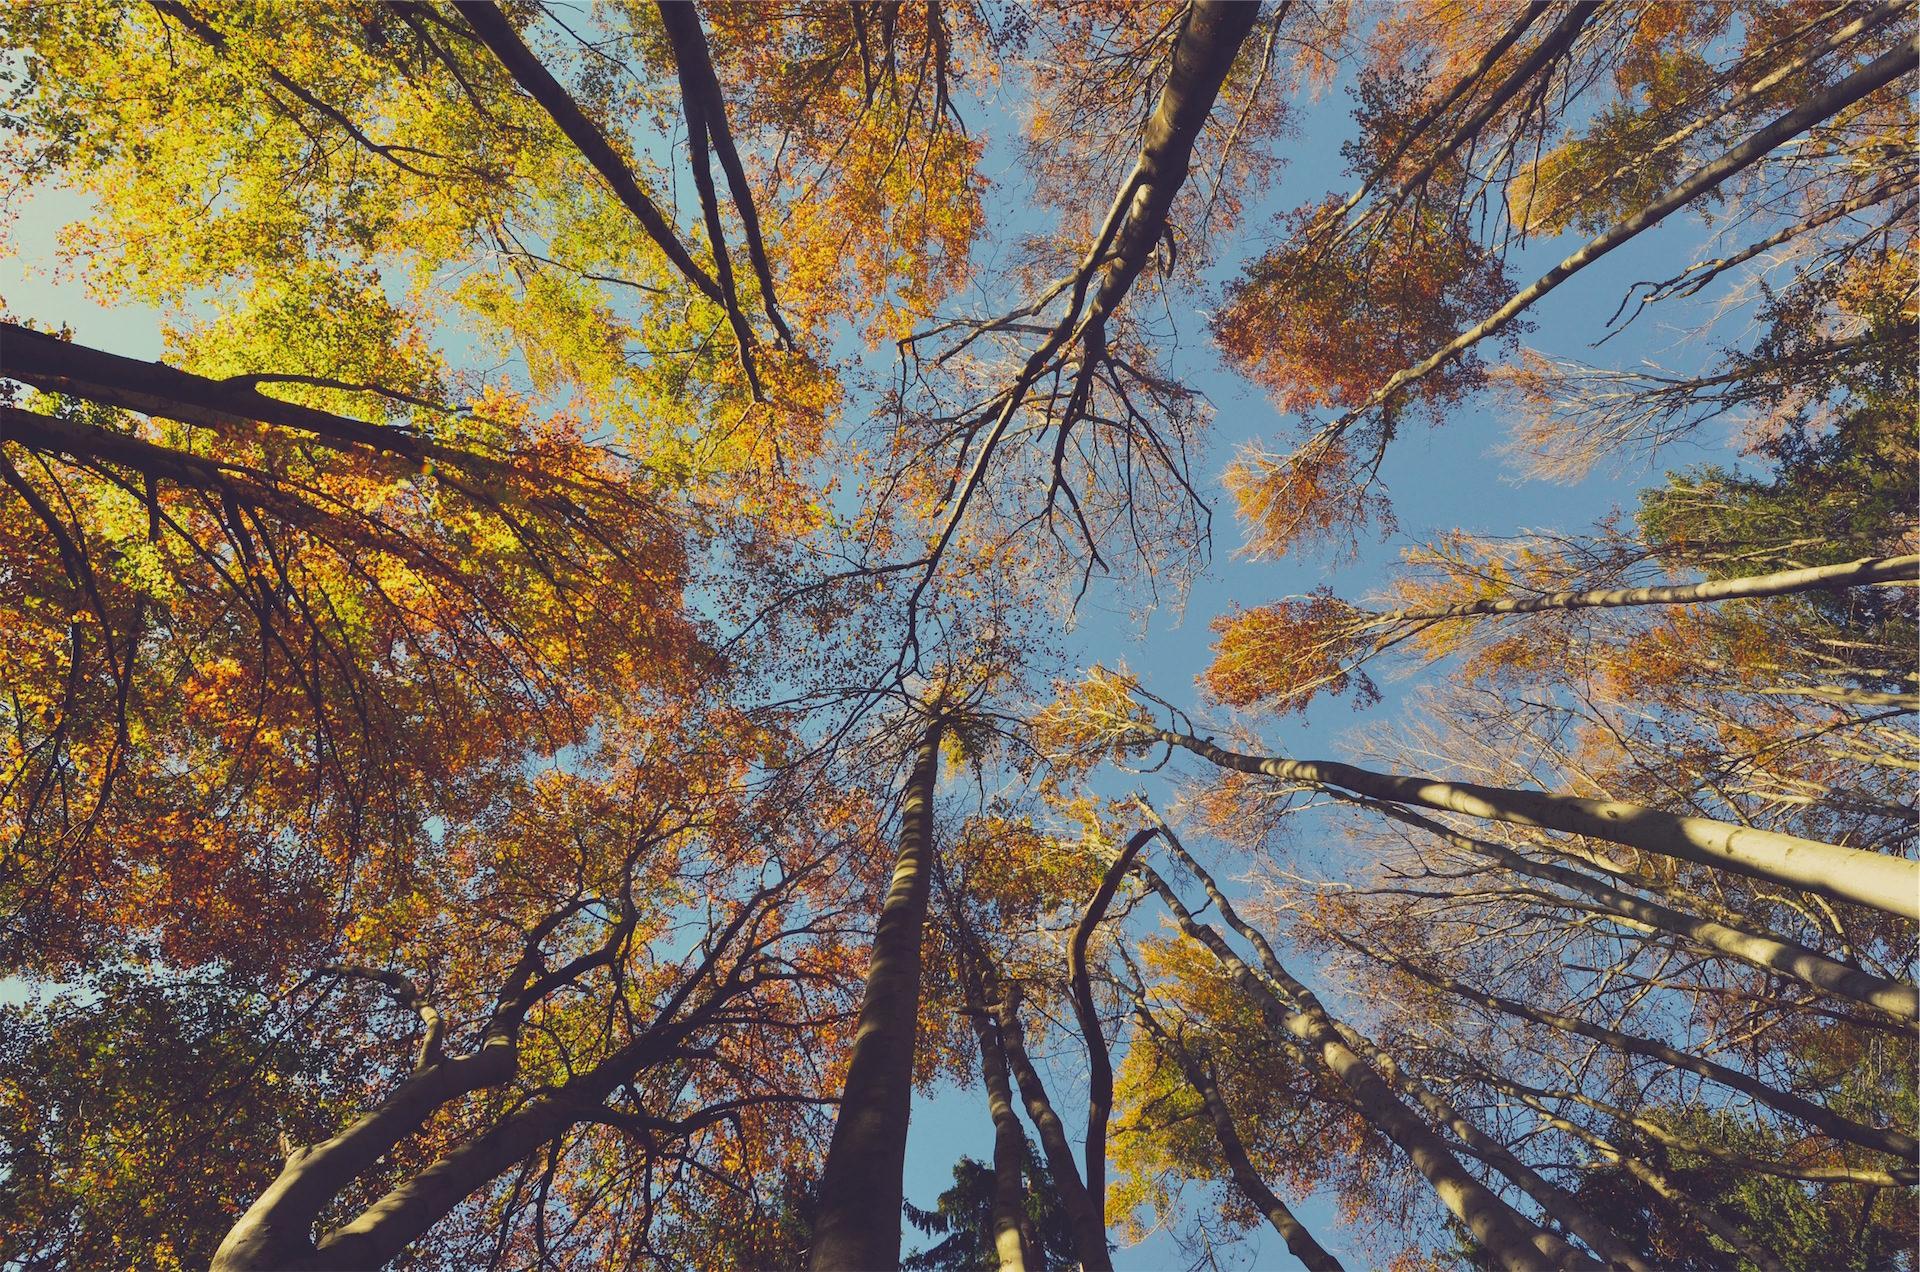 δάσος, δέντρα, Κύπελλα, Ουρανός, ύψος - Wallpapers HD - Professor-falken.com